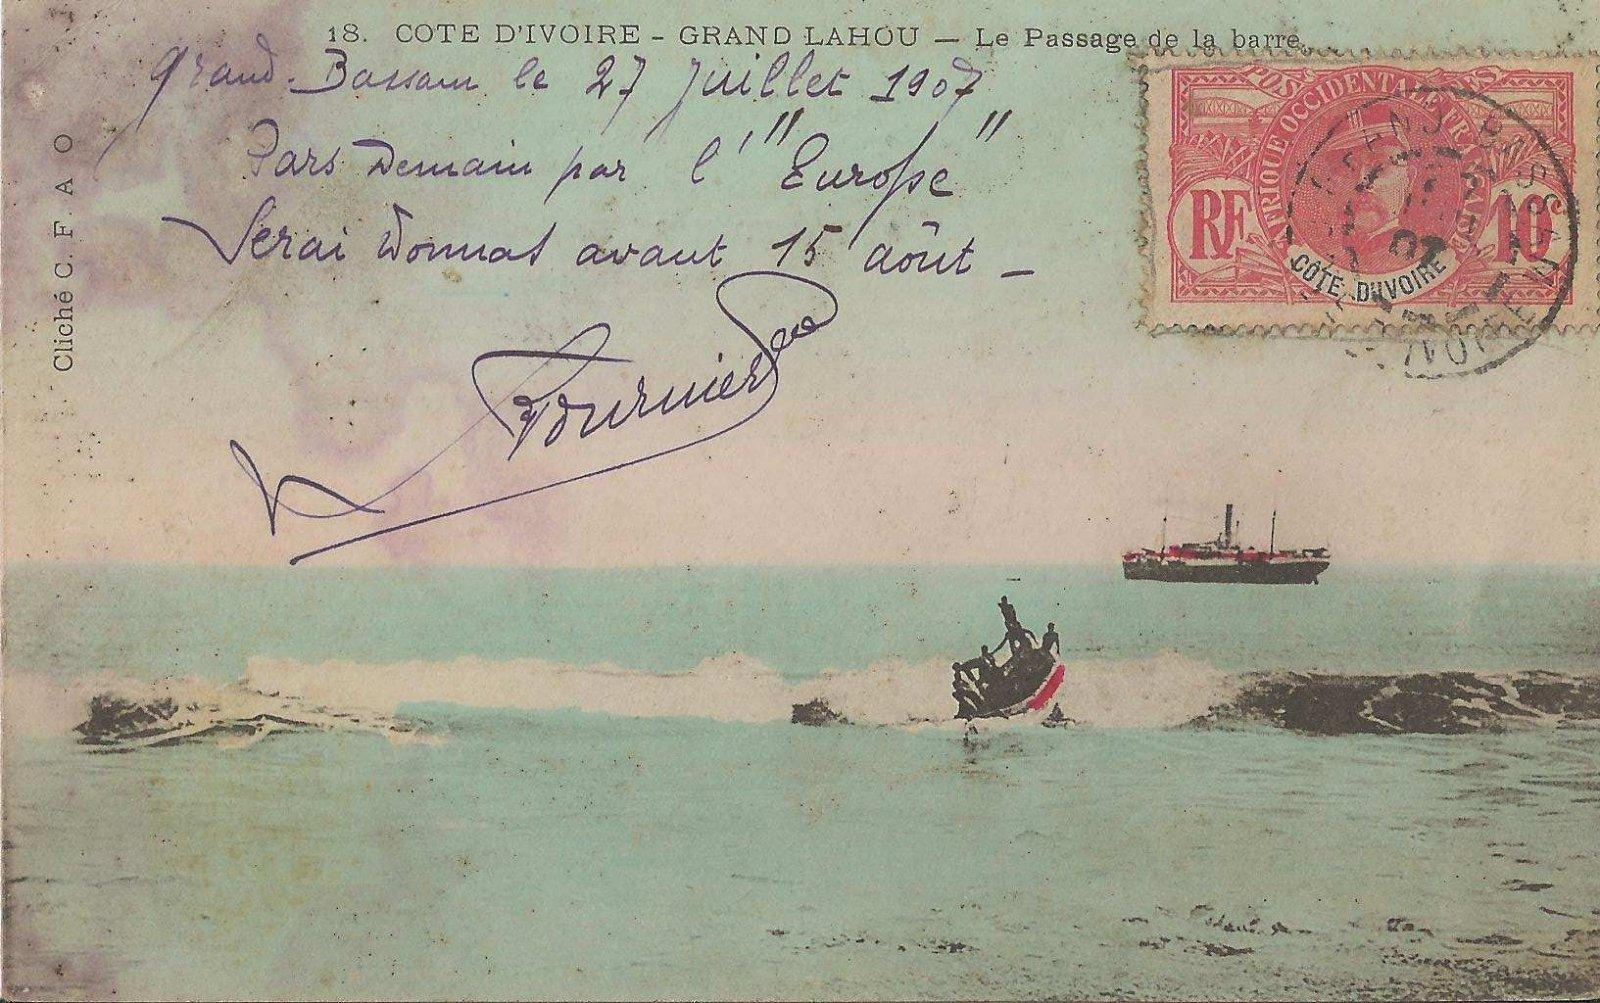 Grand Lahou 1907 passage de la barre